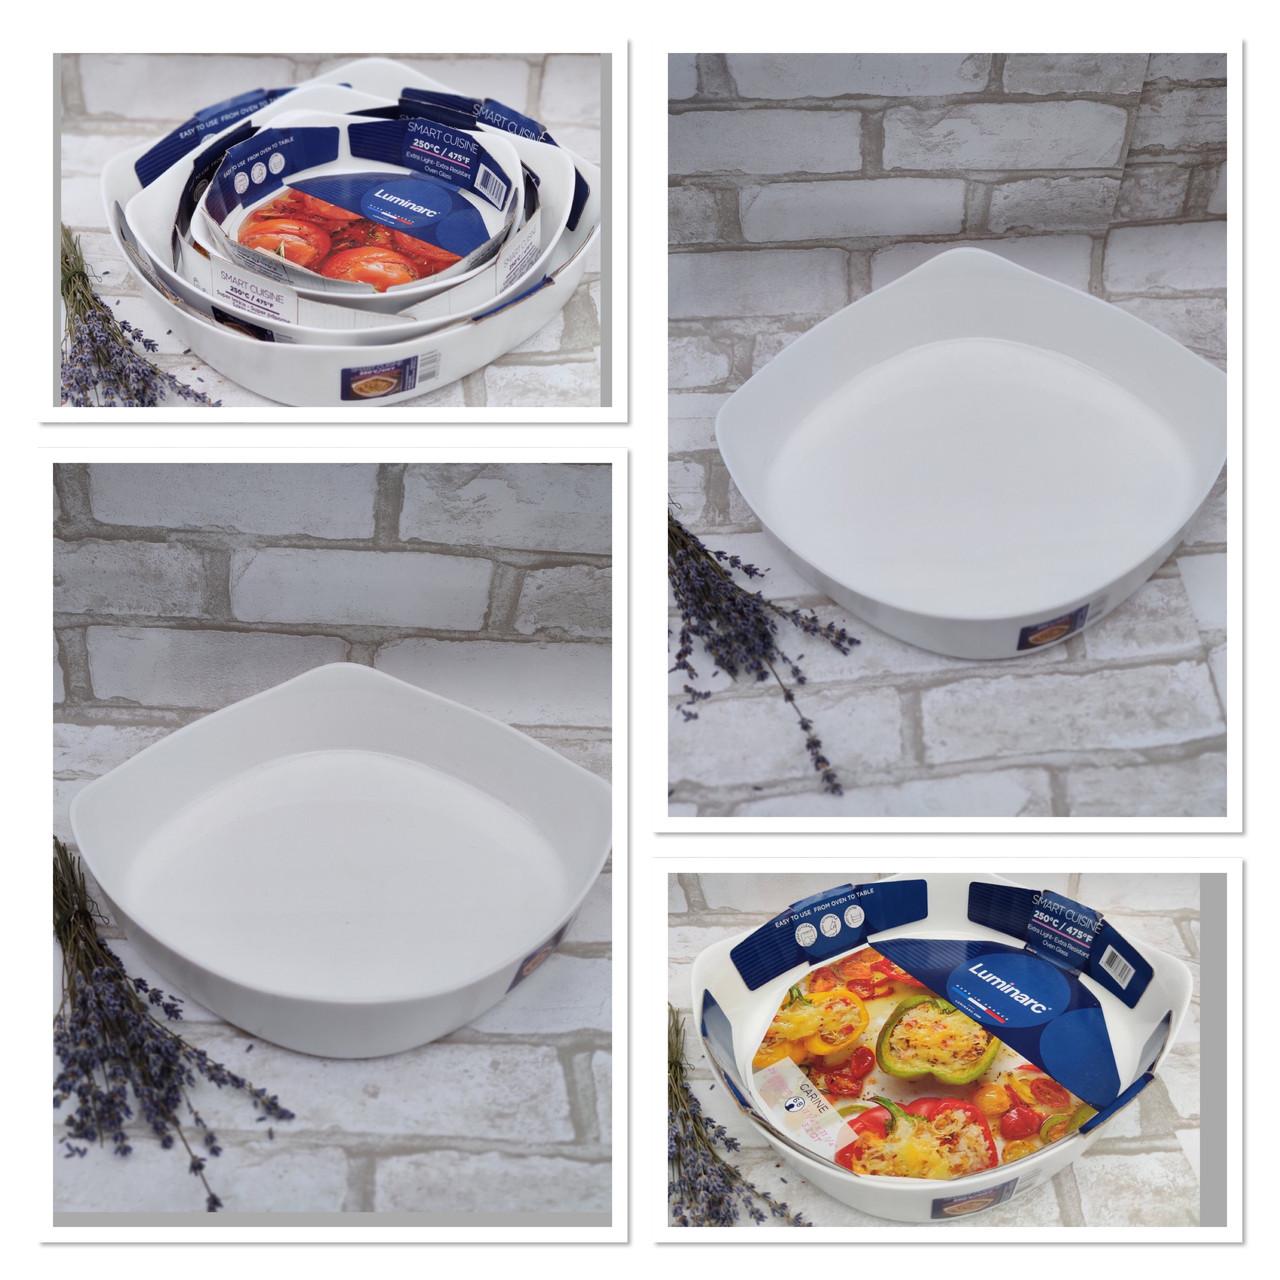 Форма для запікання квадратна, білого кольору фірми Luminark, розмір 20х20 см, 1 л